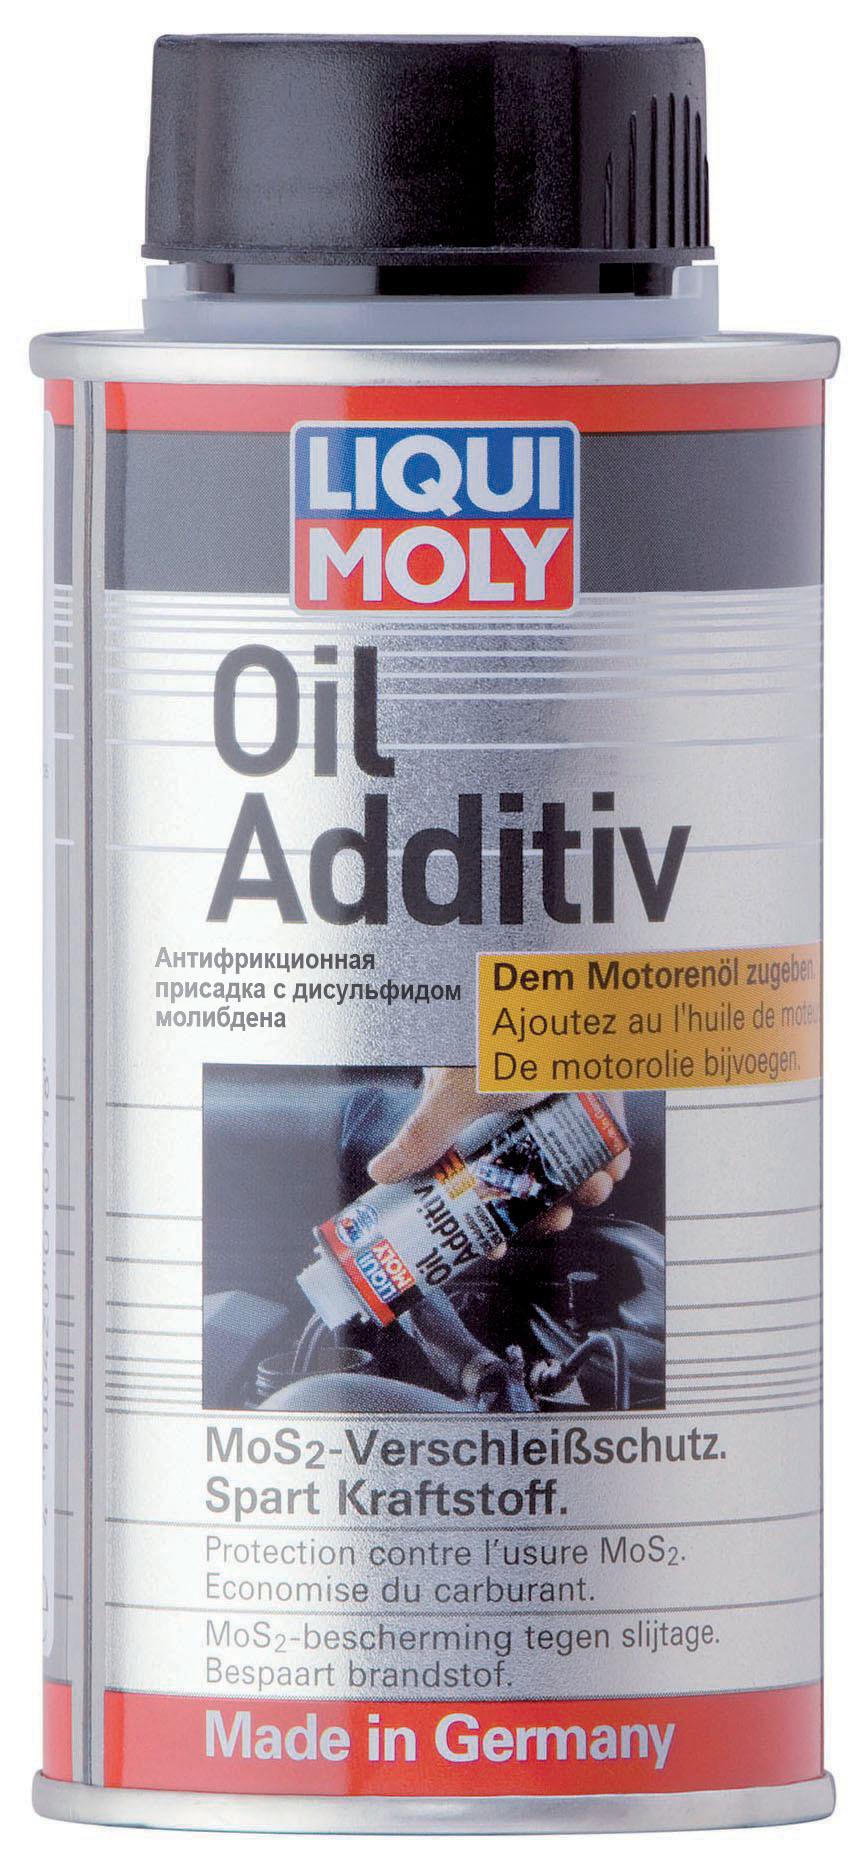 Liqui Moly Oil Additiv Присадка с дисульфидом молибдена (Mos2) в моторное масло